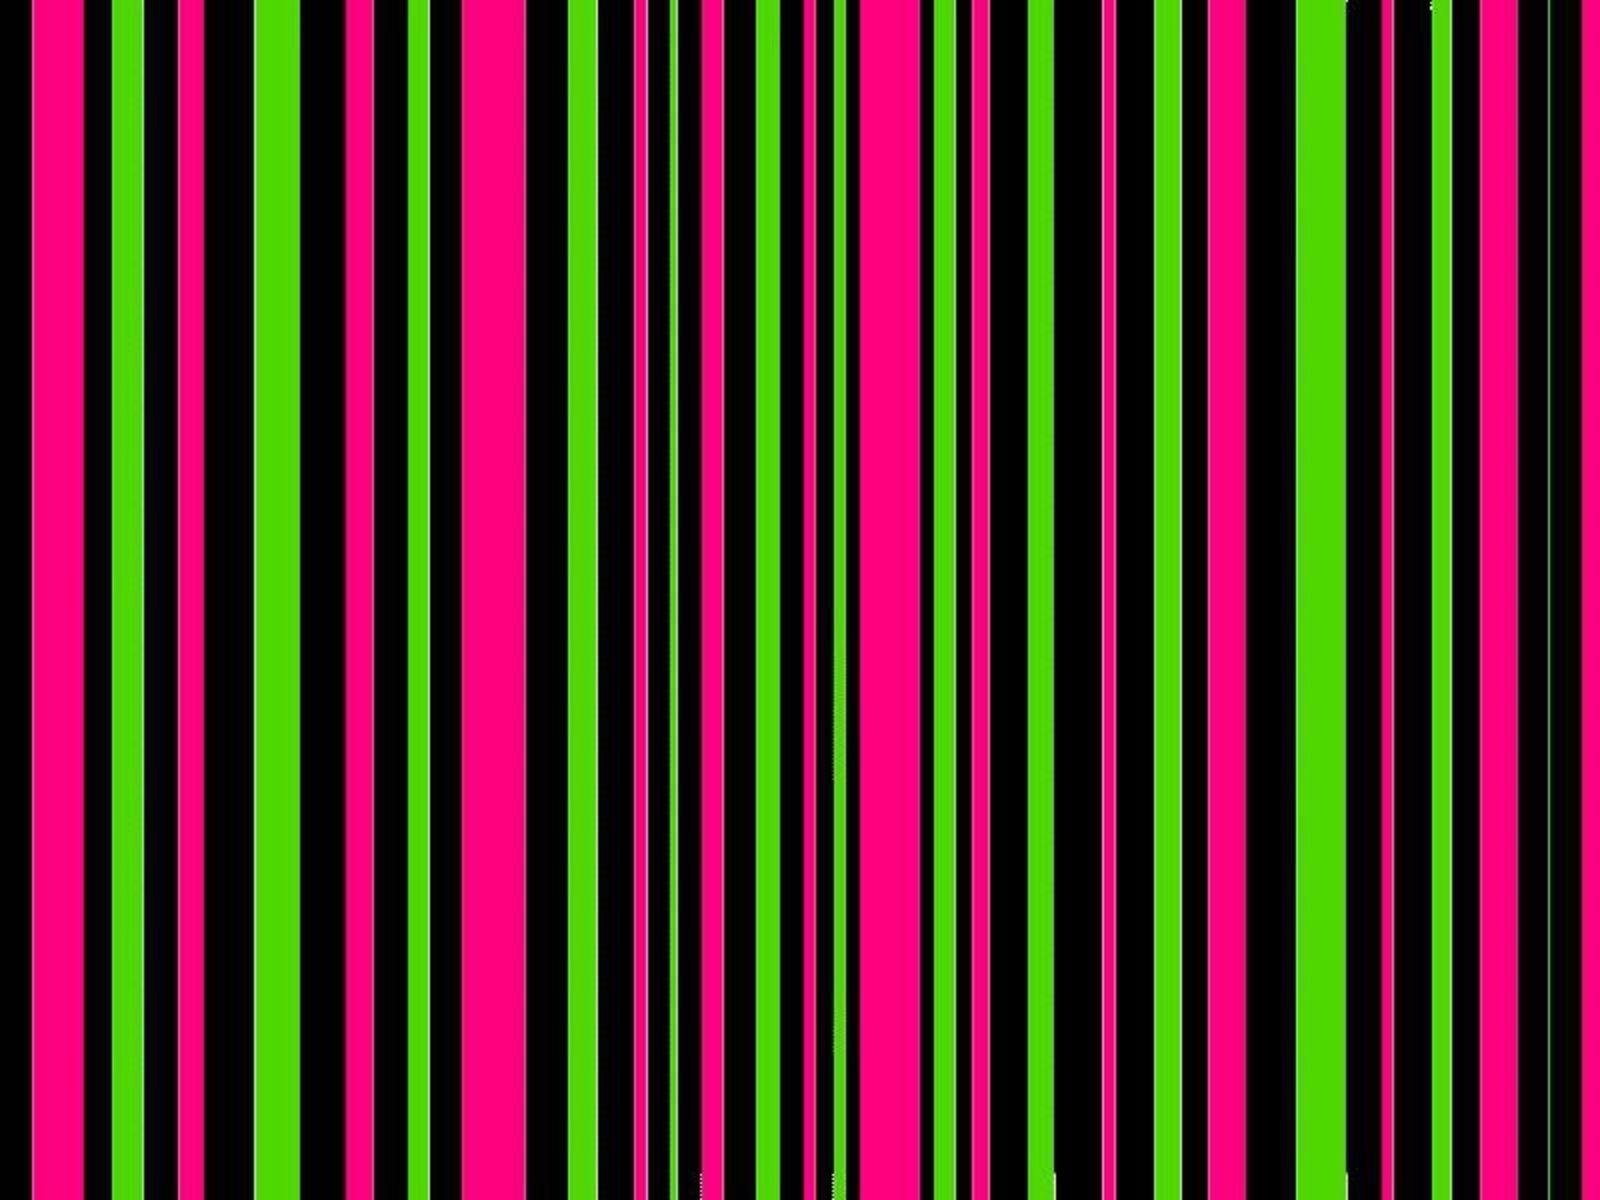 Neon Color Wallpapers WallpaperSafari